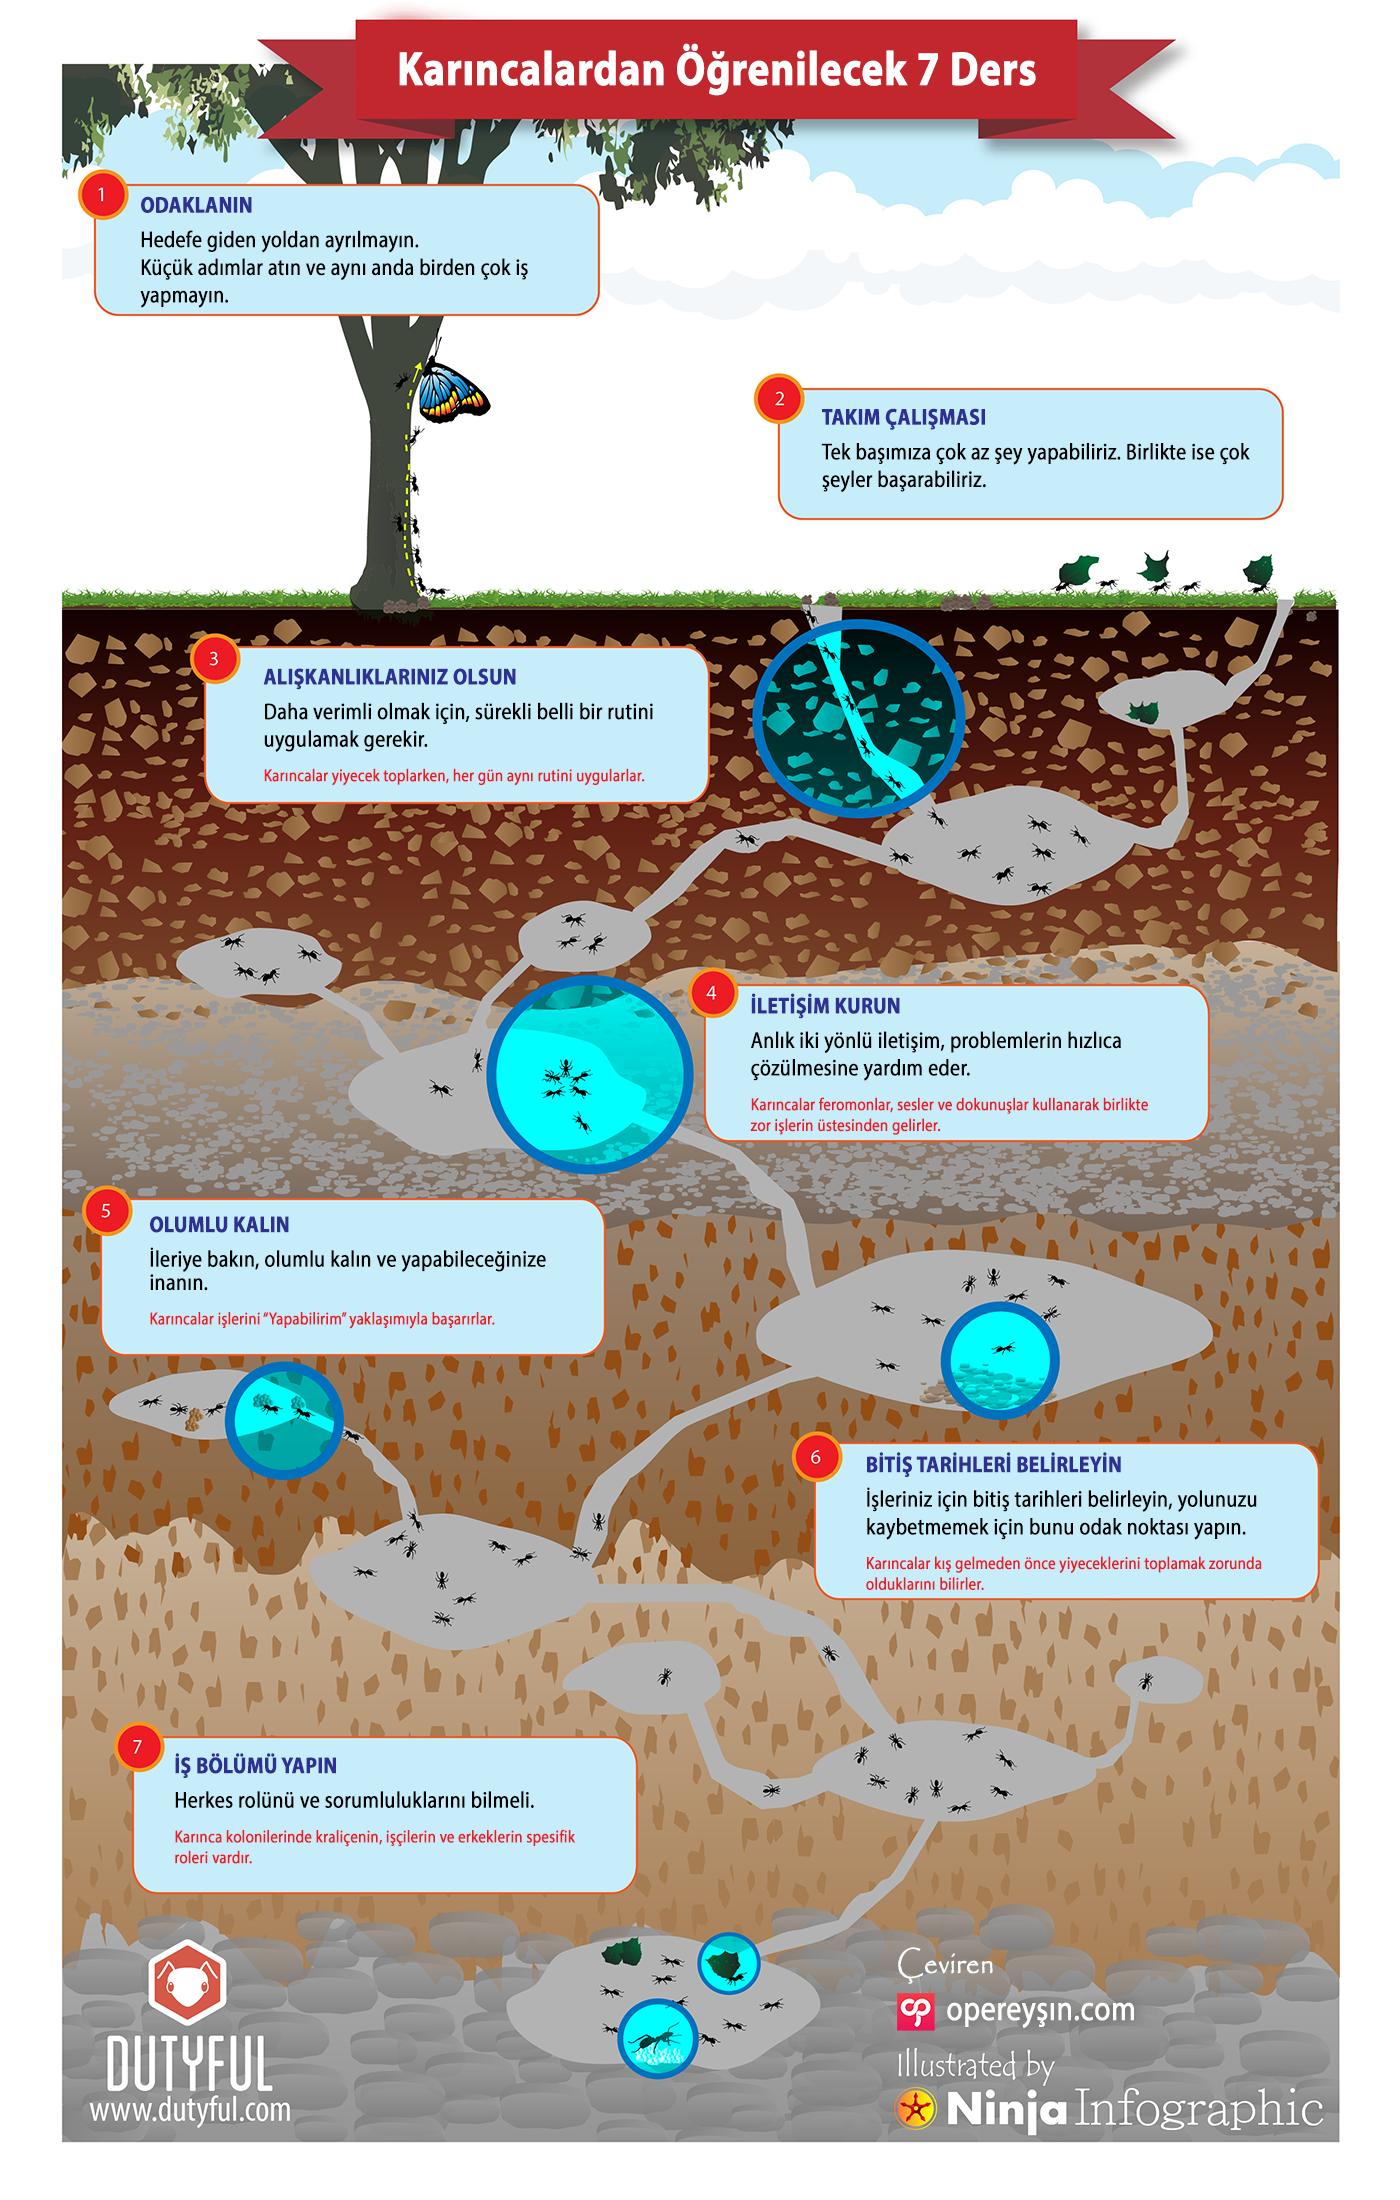 Karıncalardan Öğrenilecek 7 Ders [İNFOGRAFİK]